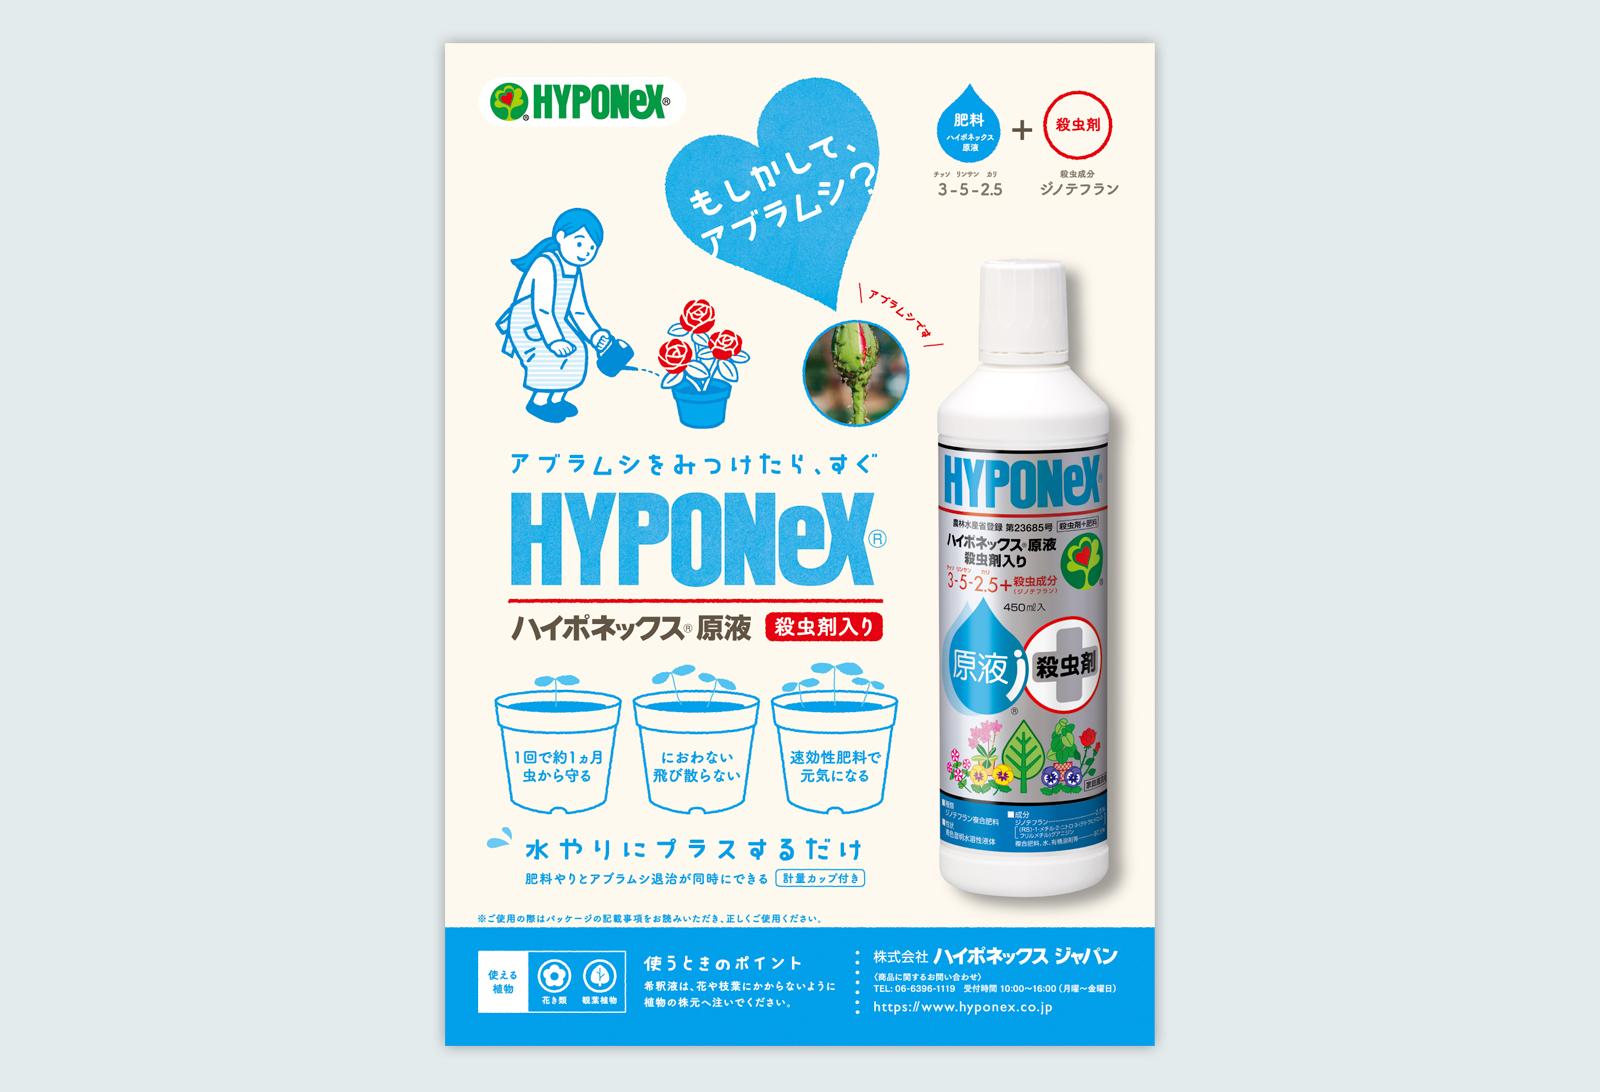 ハイポネックスジャパン 広告